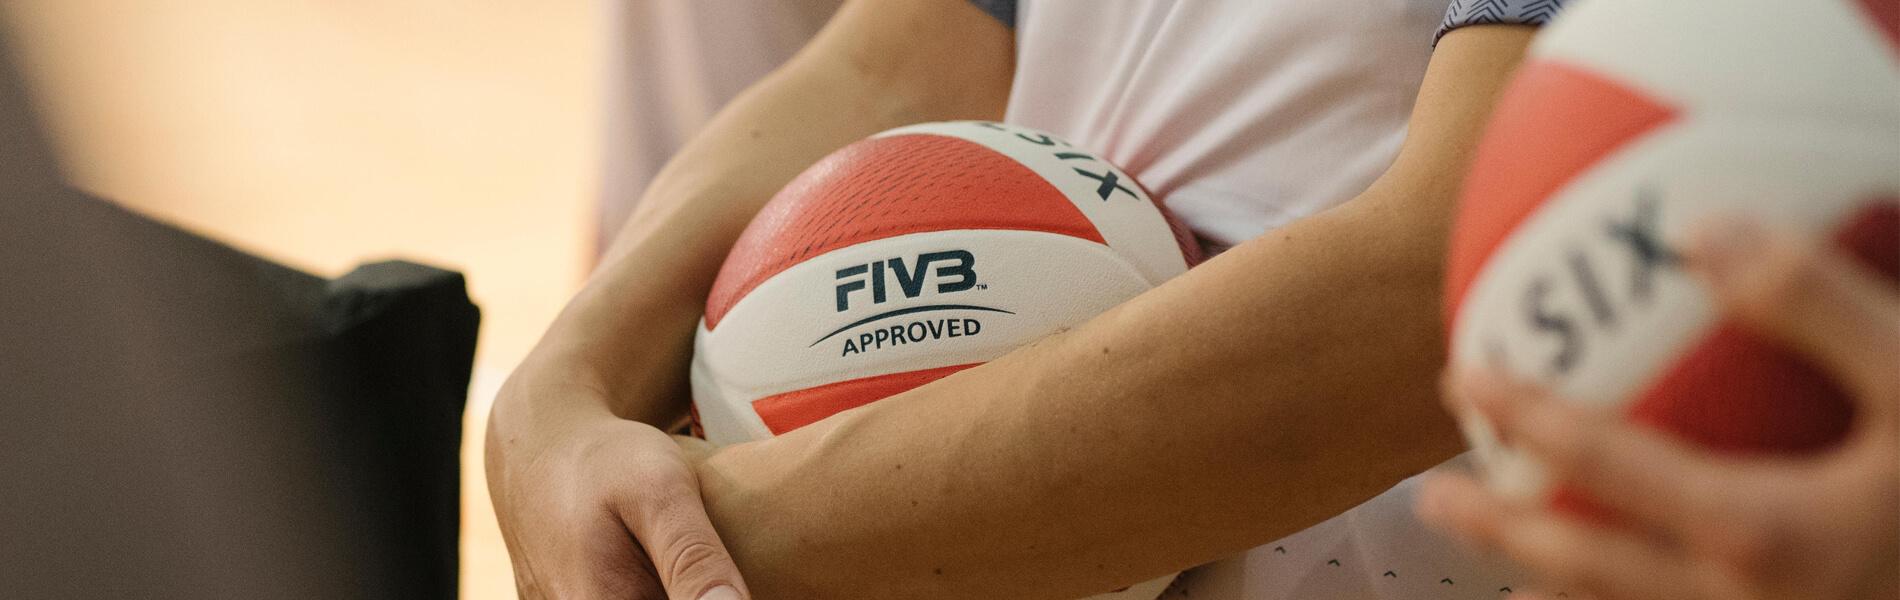 3f0d22f7c Como Escolher a Bola de Vôlei Corretamente - Blog Decathlon